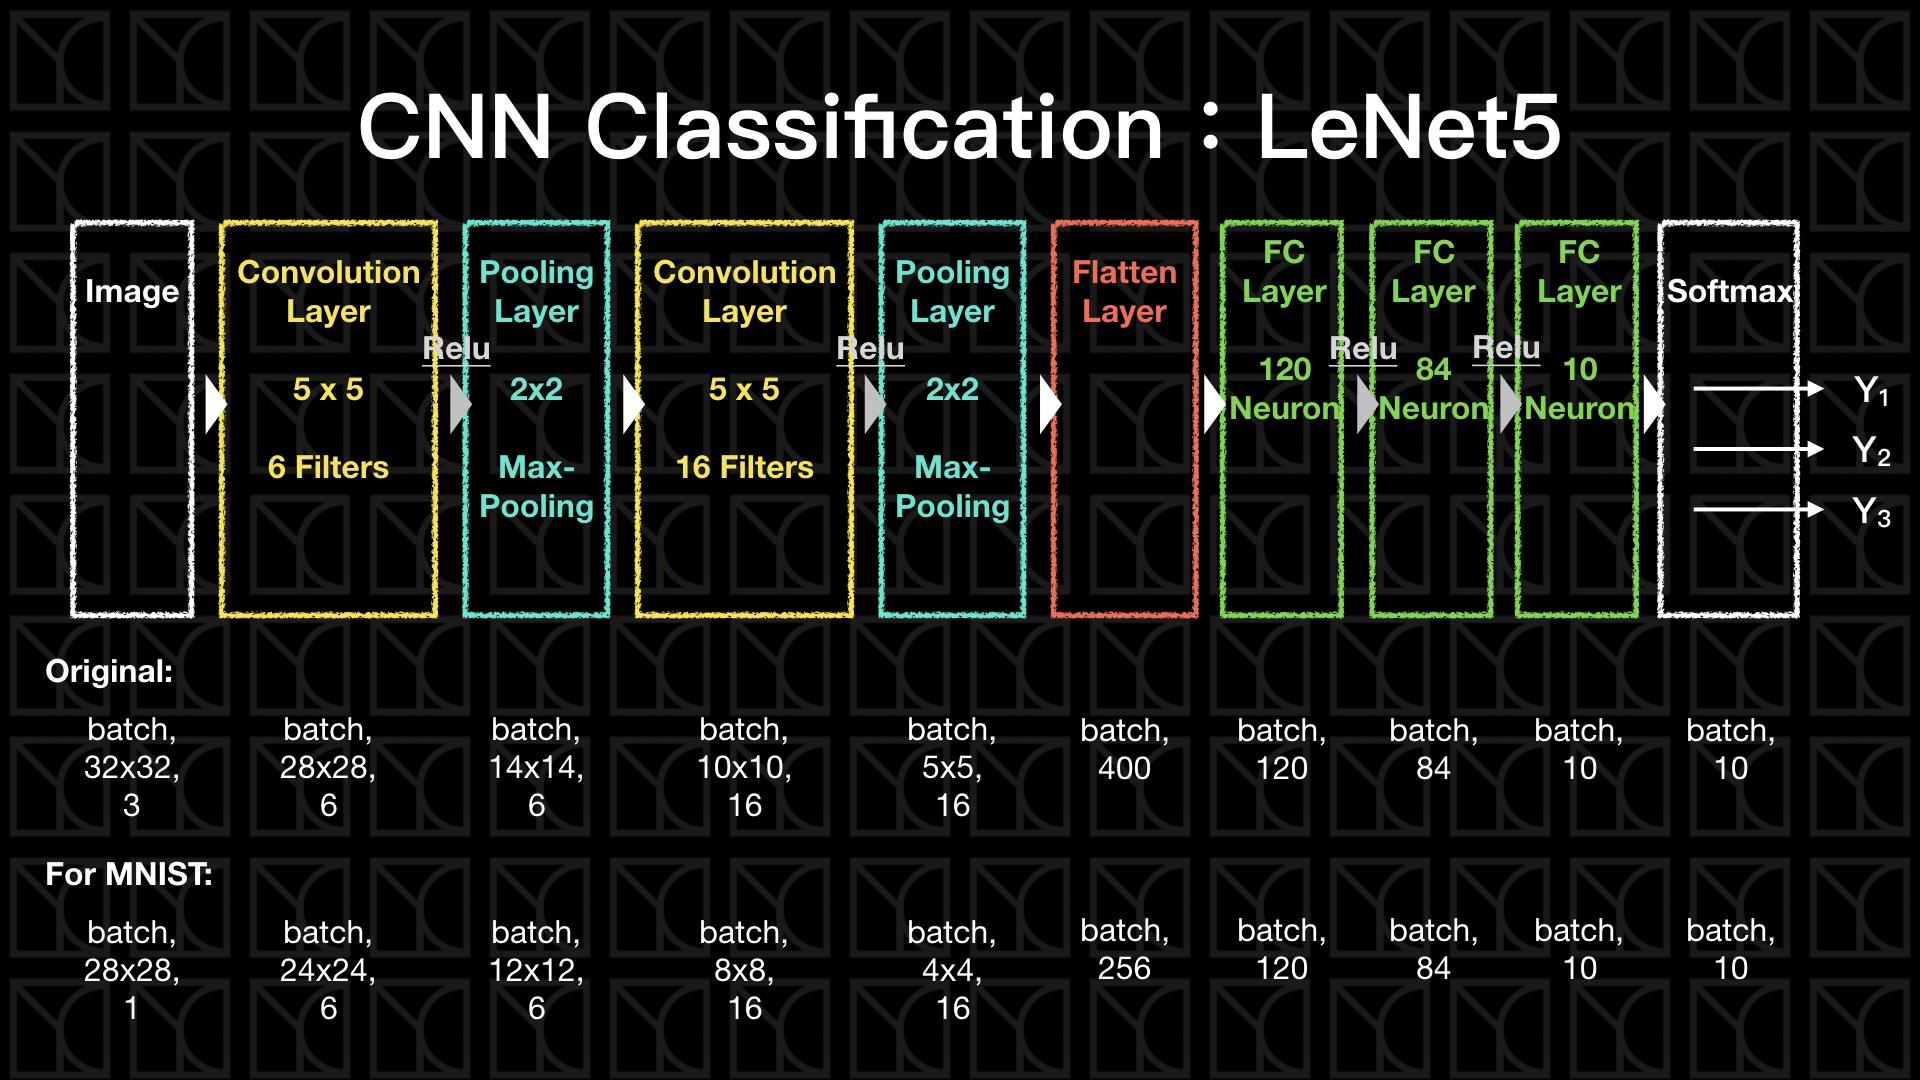 LeNet5